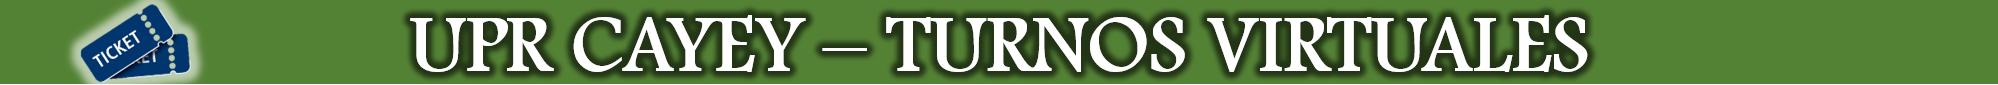 Imagen del Banner Turnos Virtuales Principal